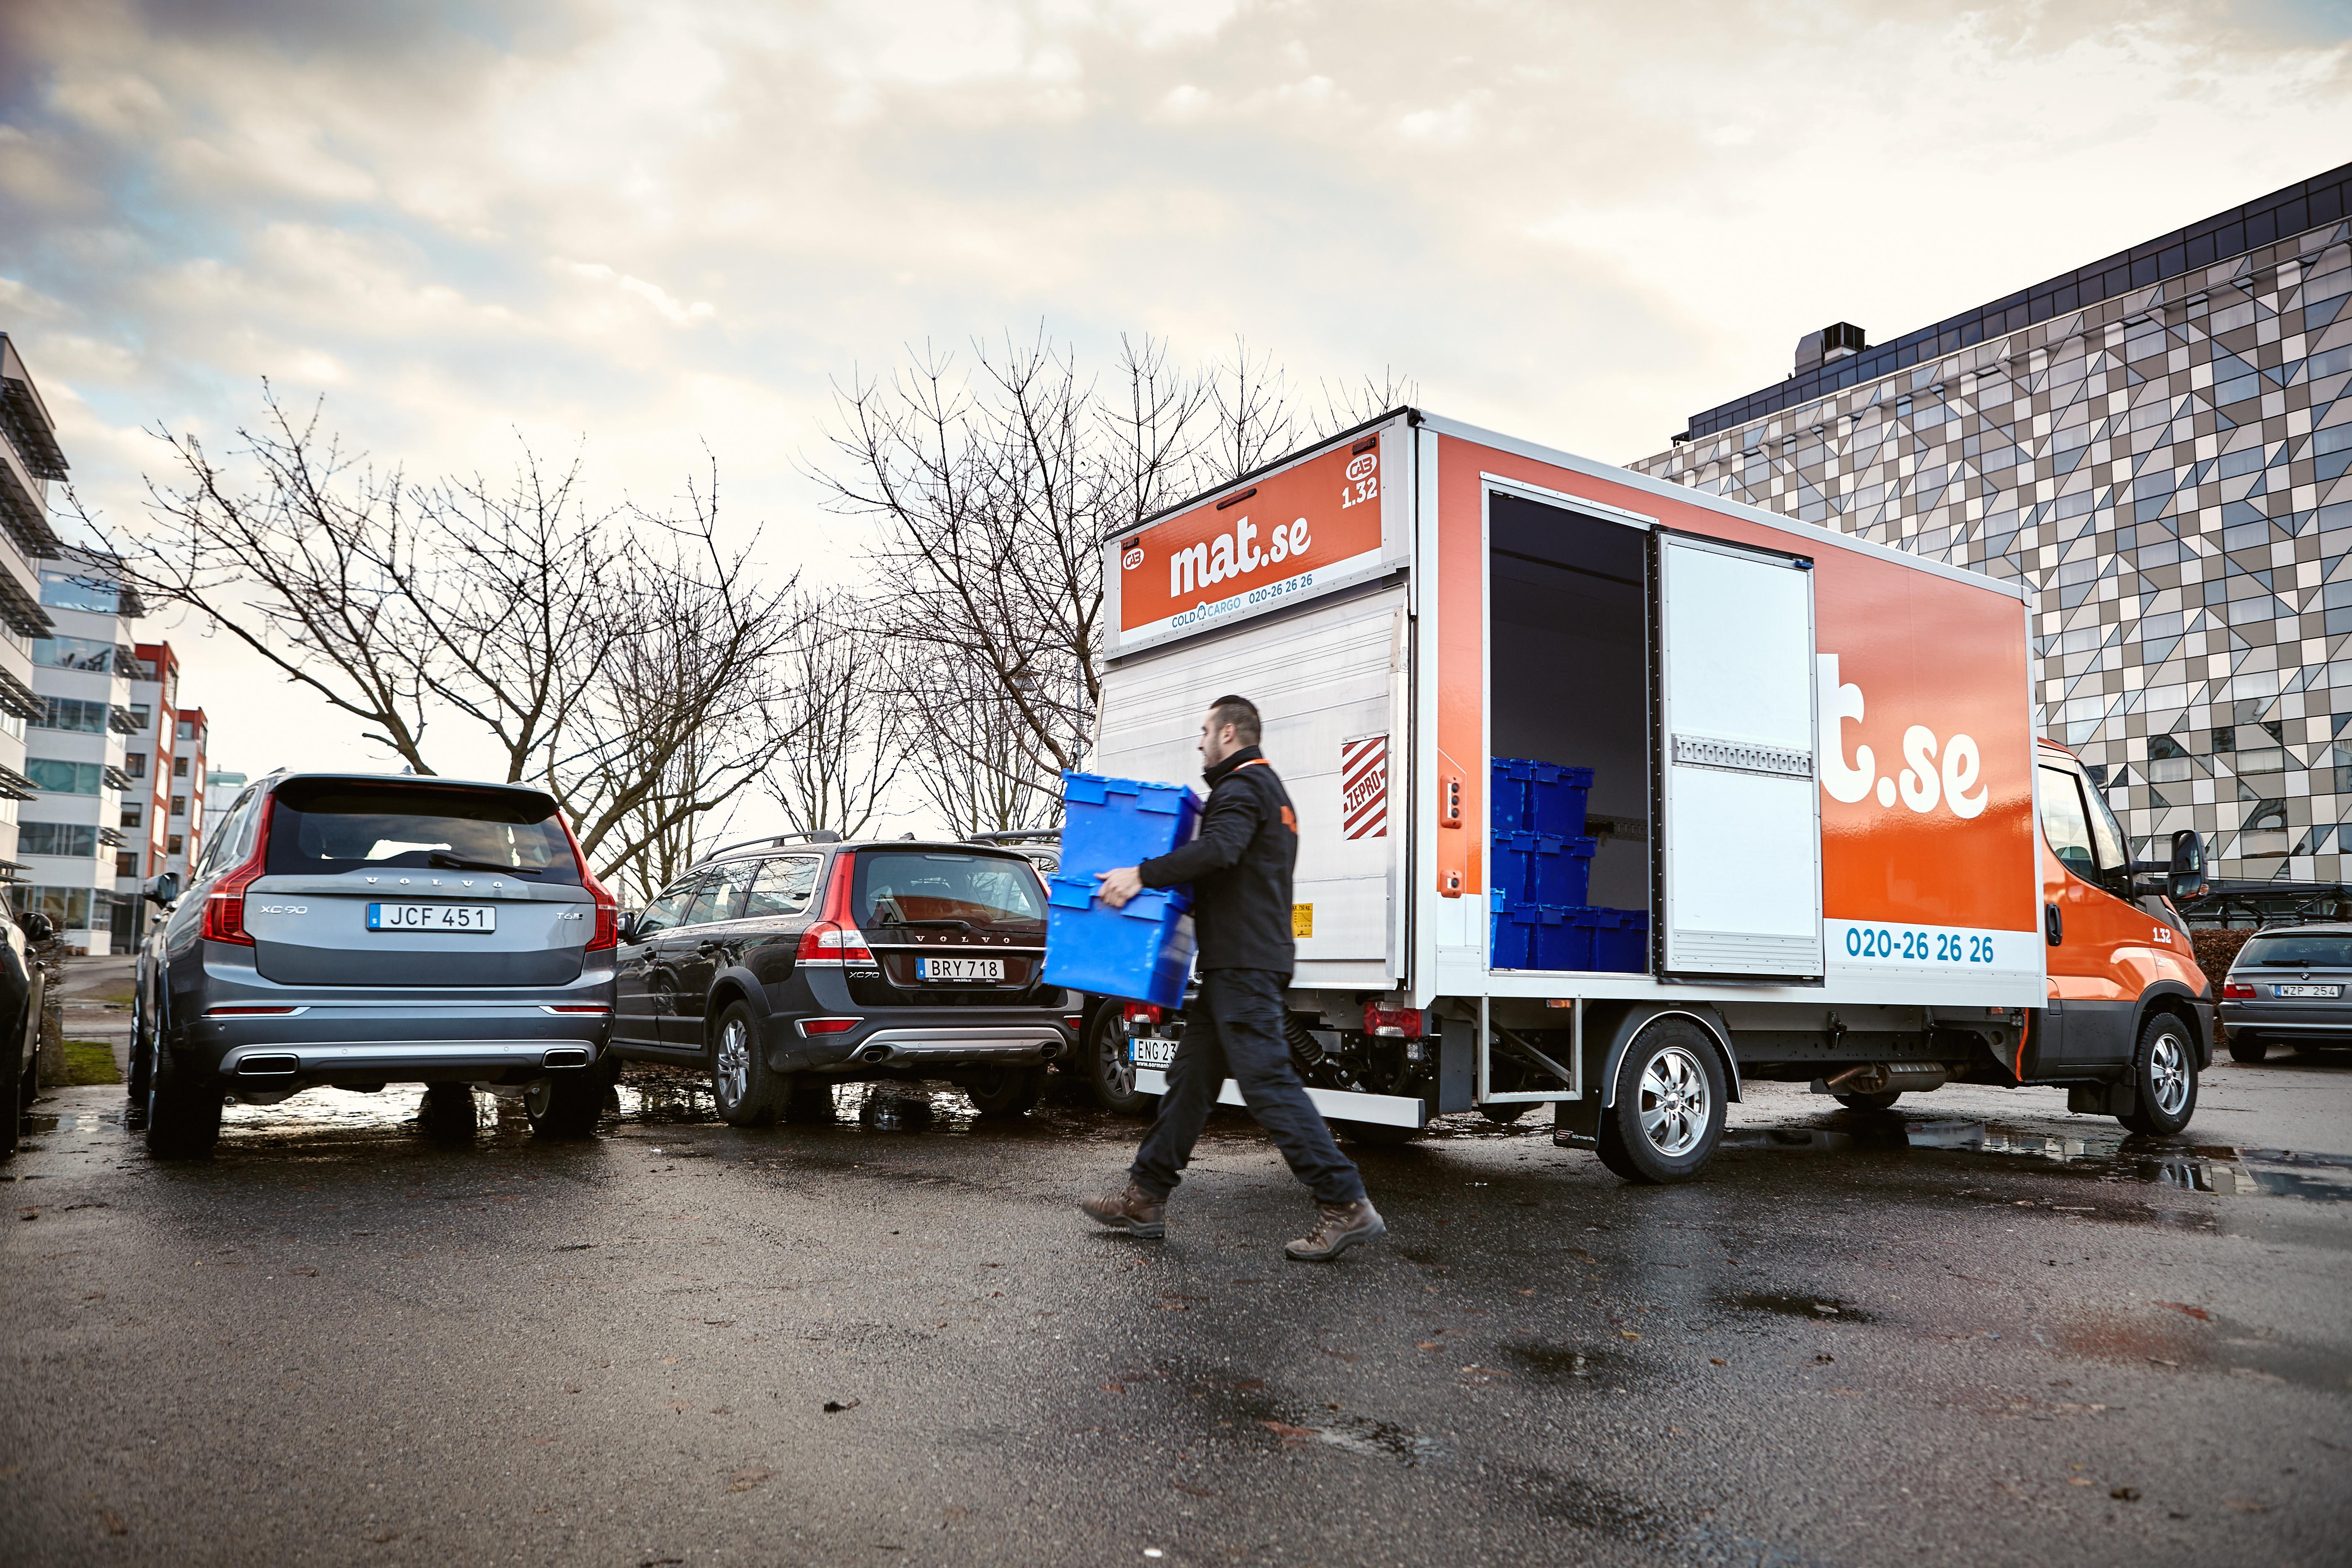 Nu kan Göteborgare få mat och leksaker levererade direkt till bakluckan på sin Volvo.